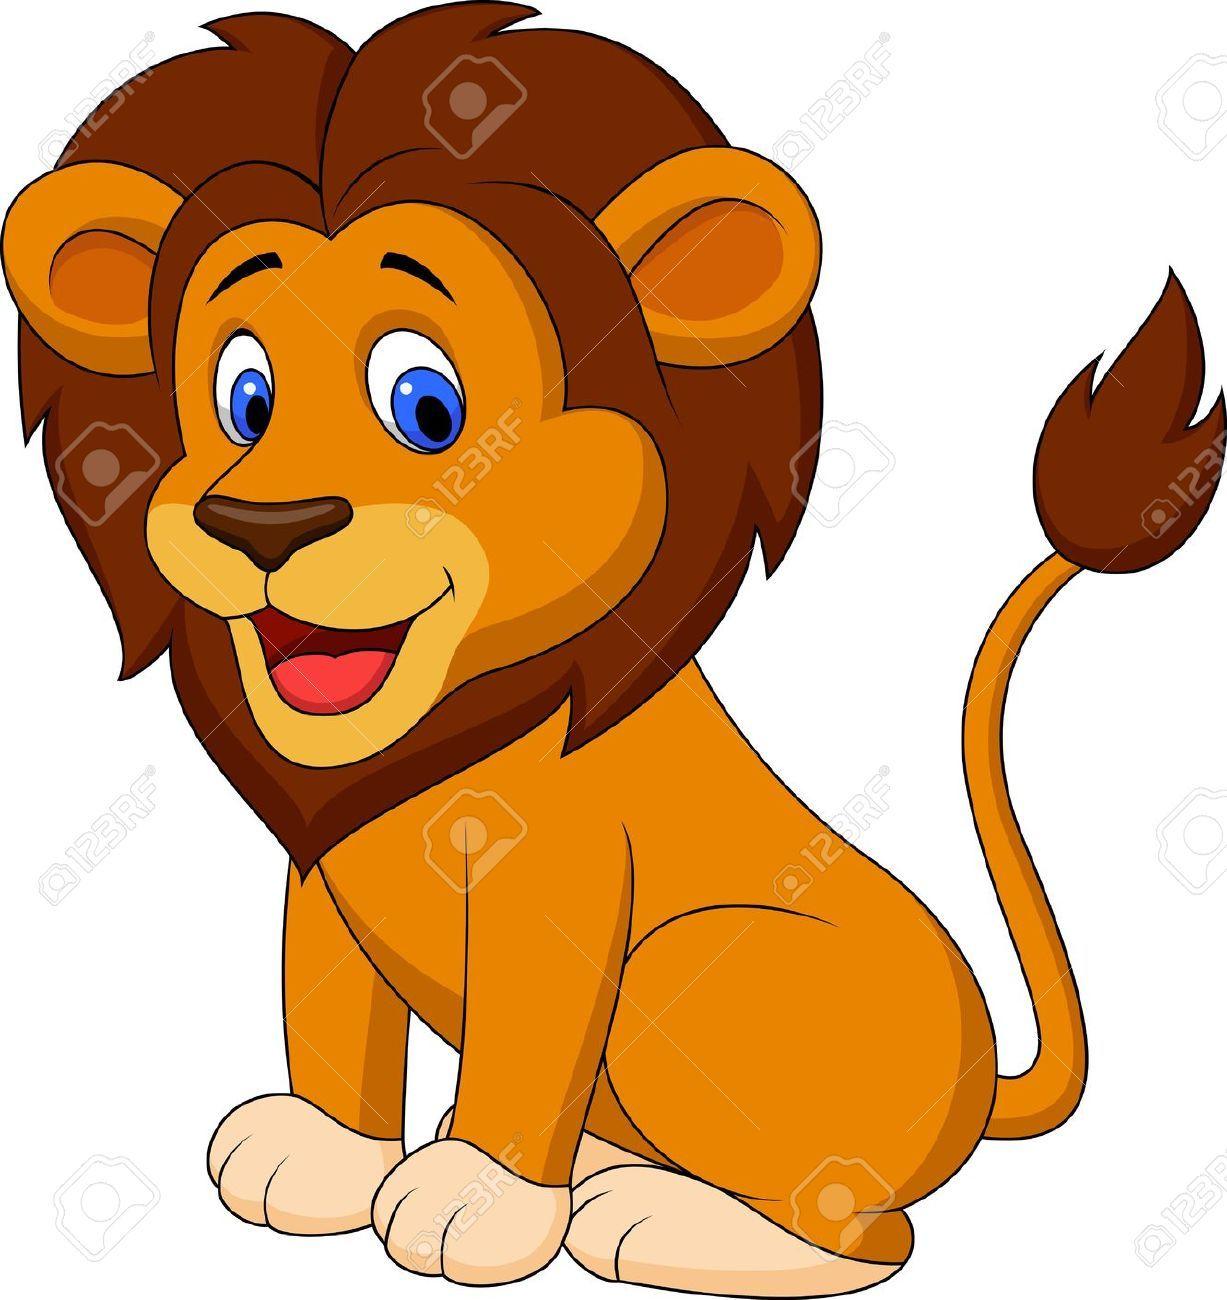 Lion goofy clipart.